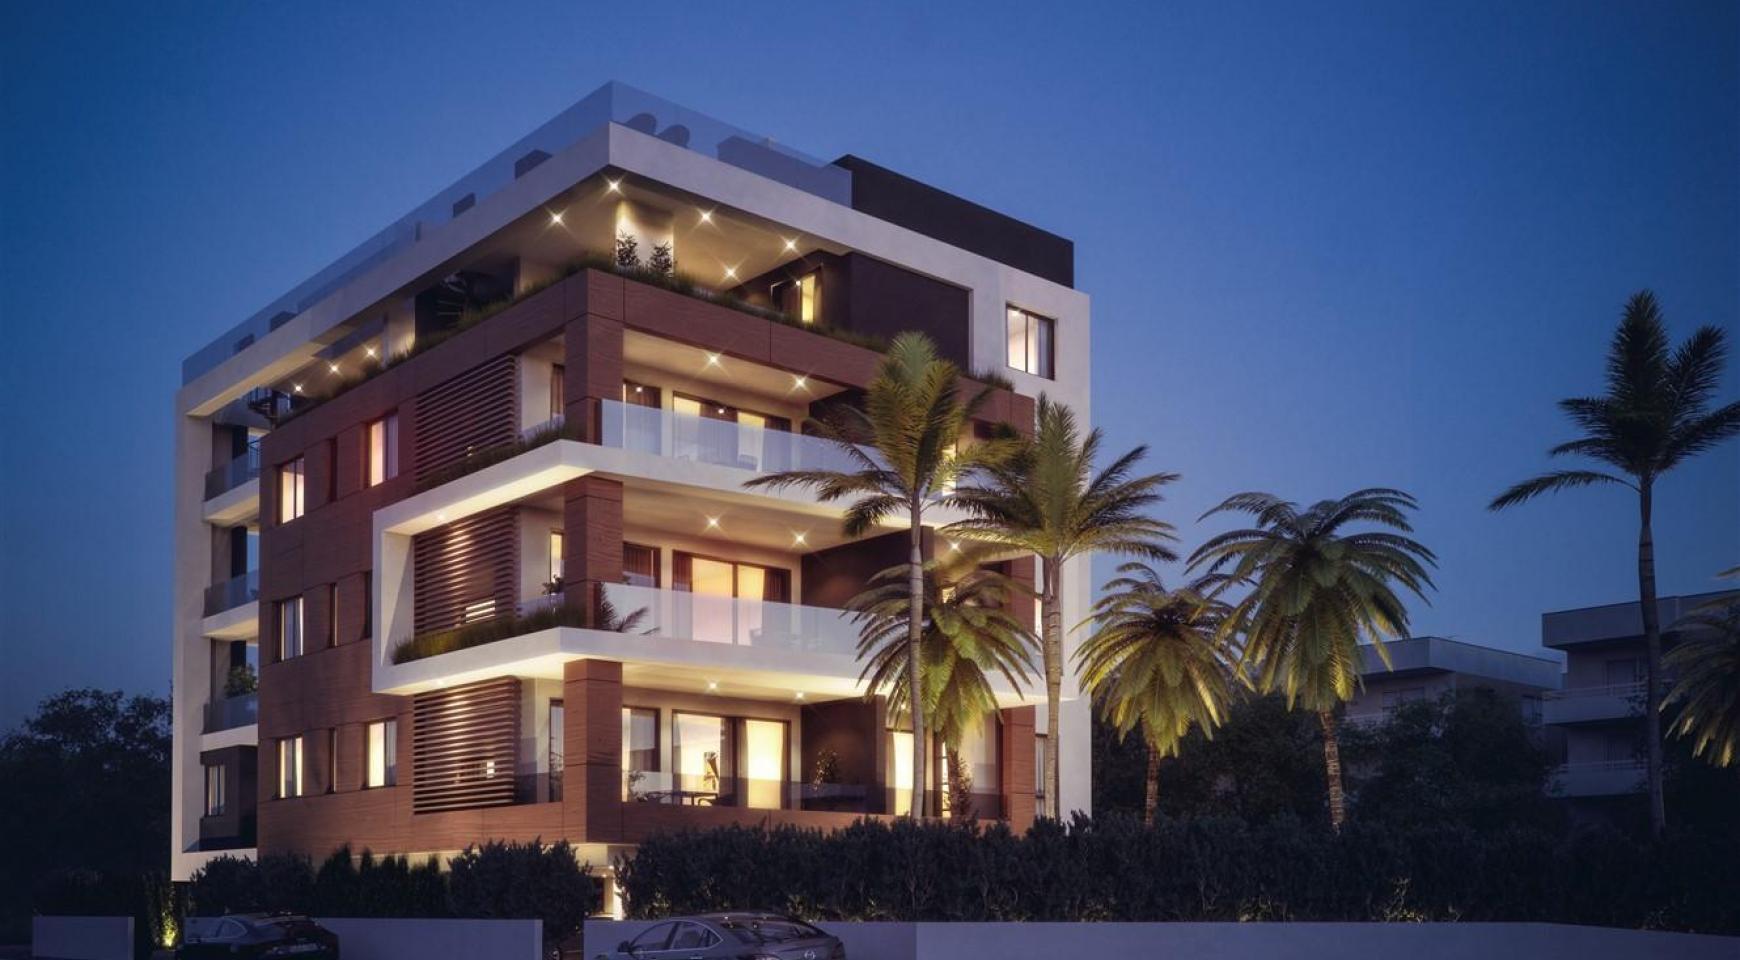 Malibu Residence. Современная  Односпальная Квартира 102 в Туристической Зоне - 2